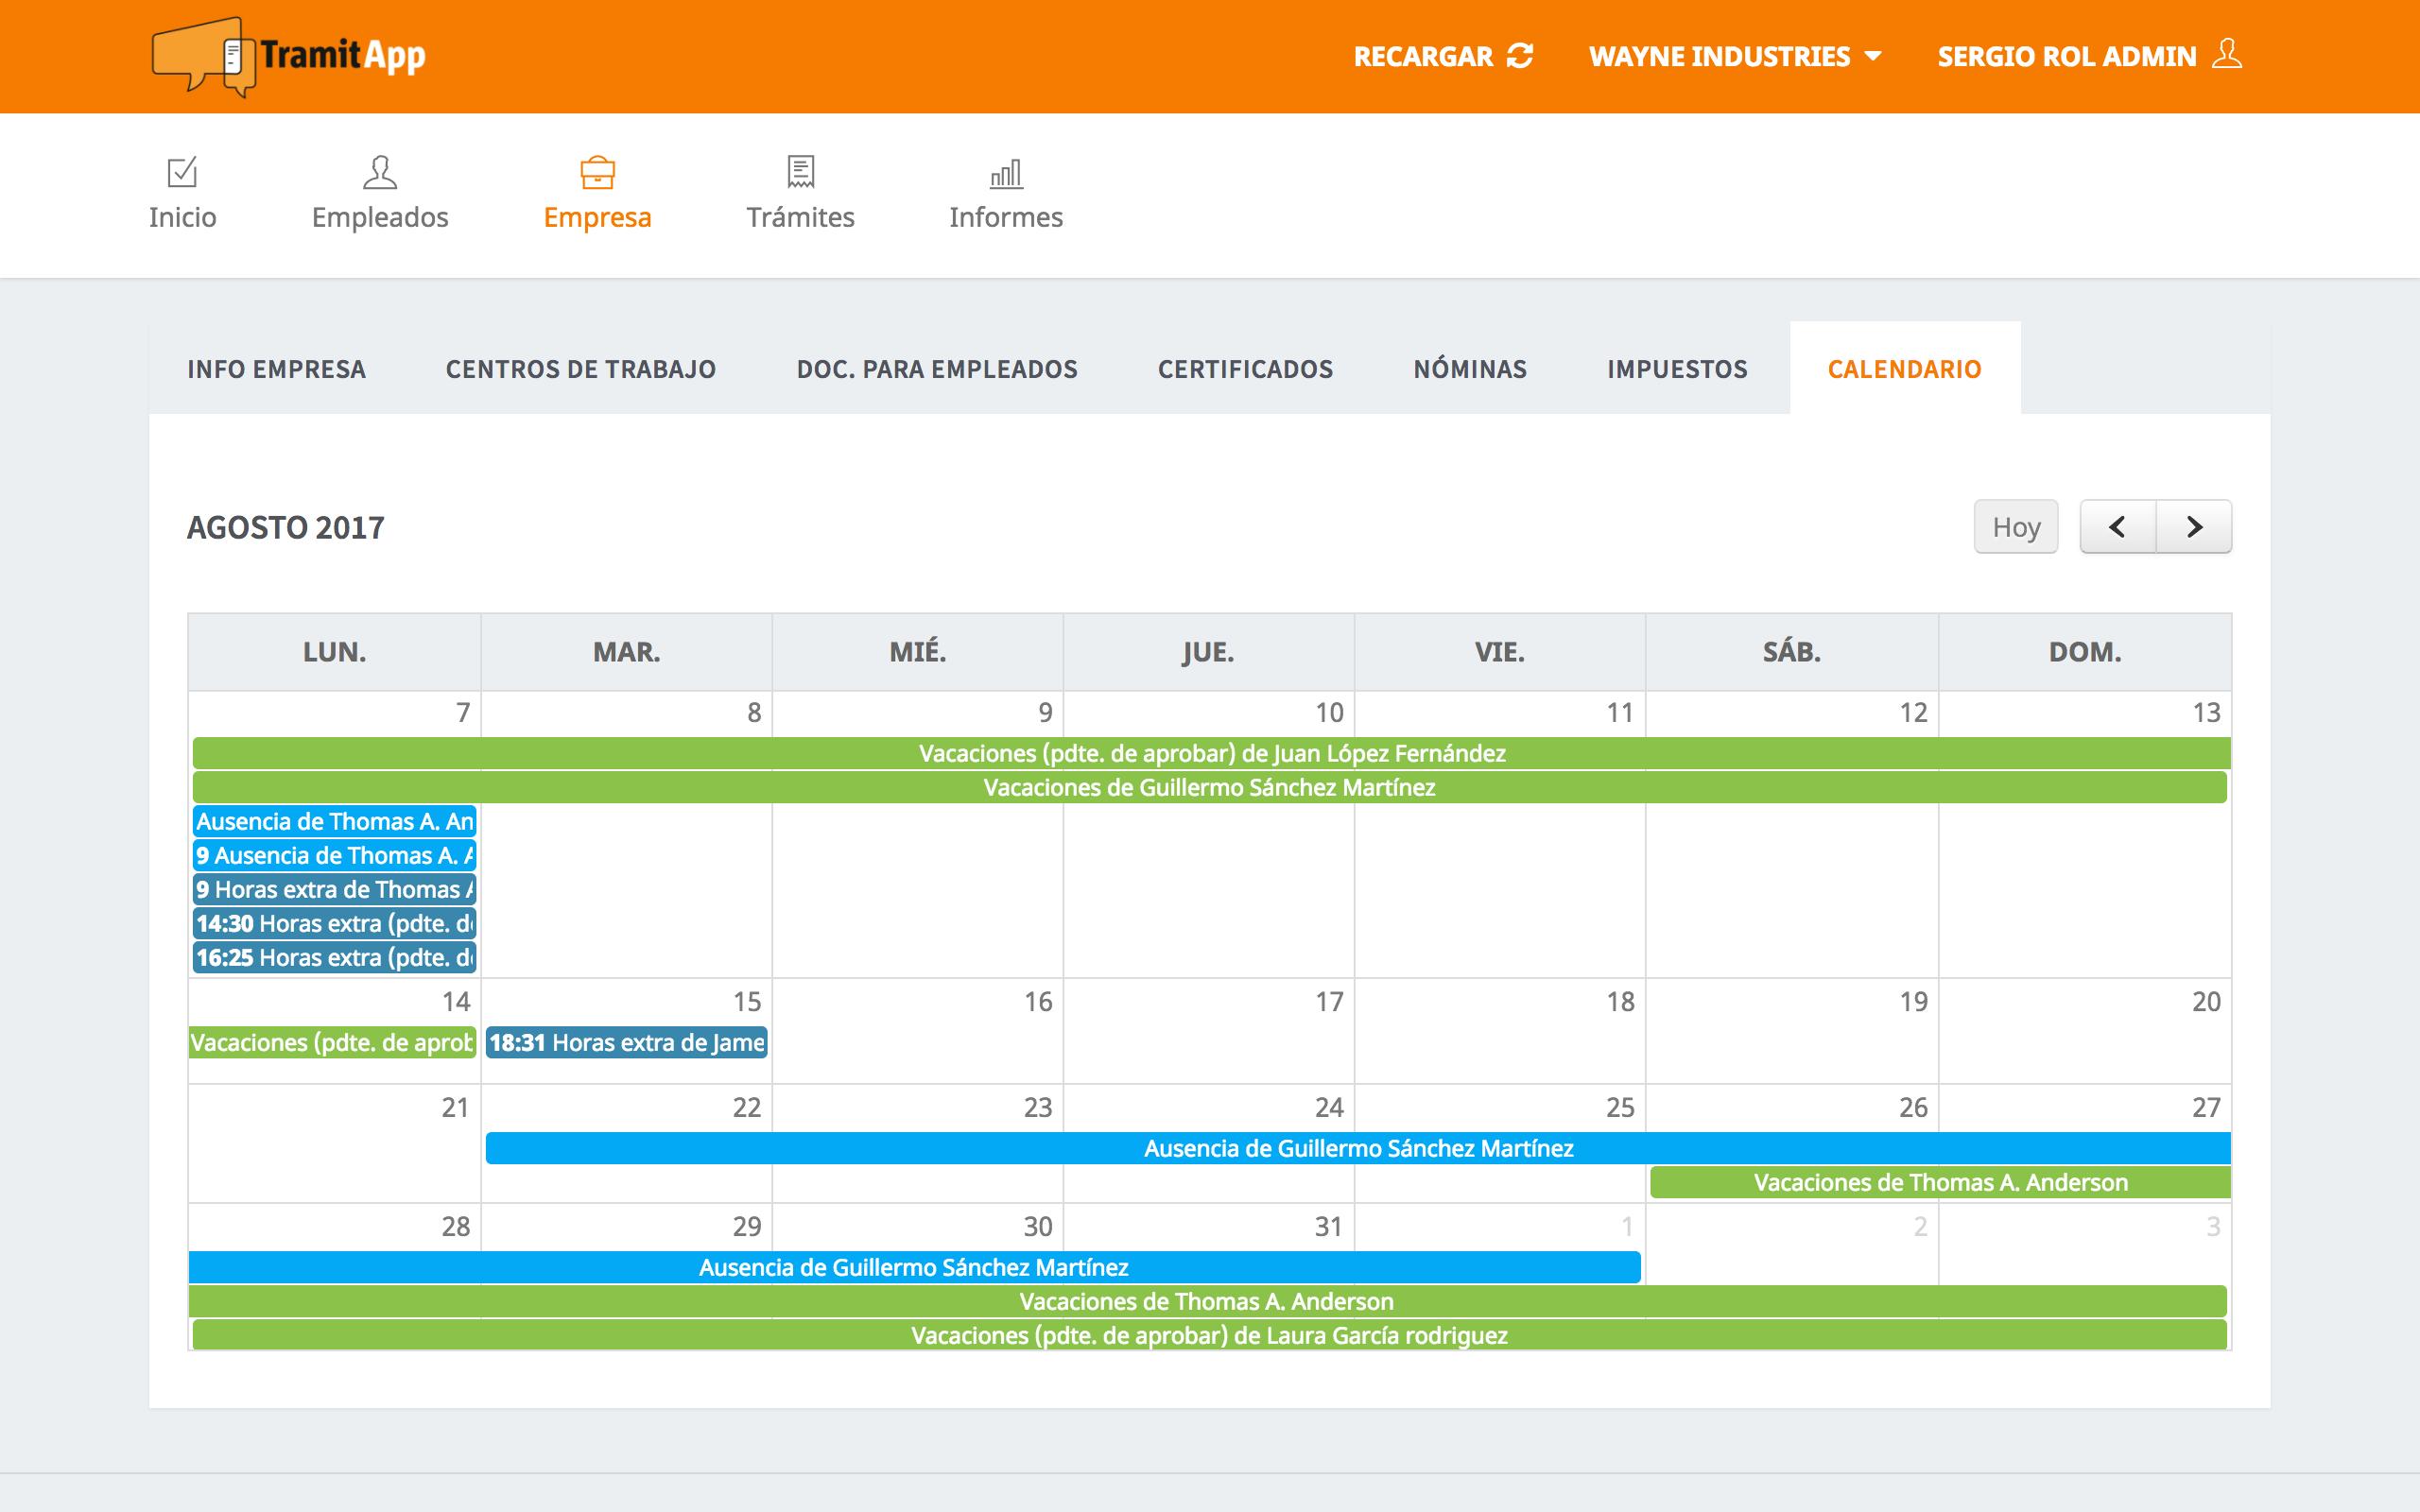 Recoge Todo Lo importante en el calendario de Empresa